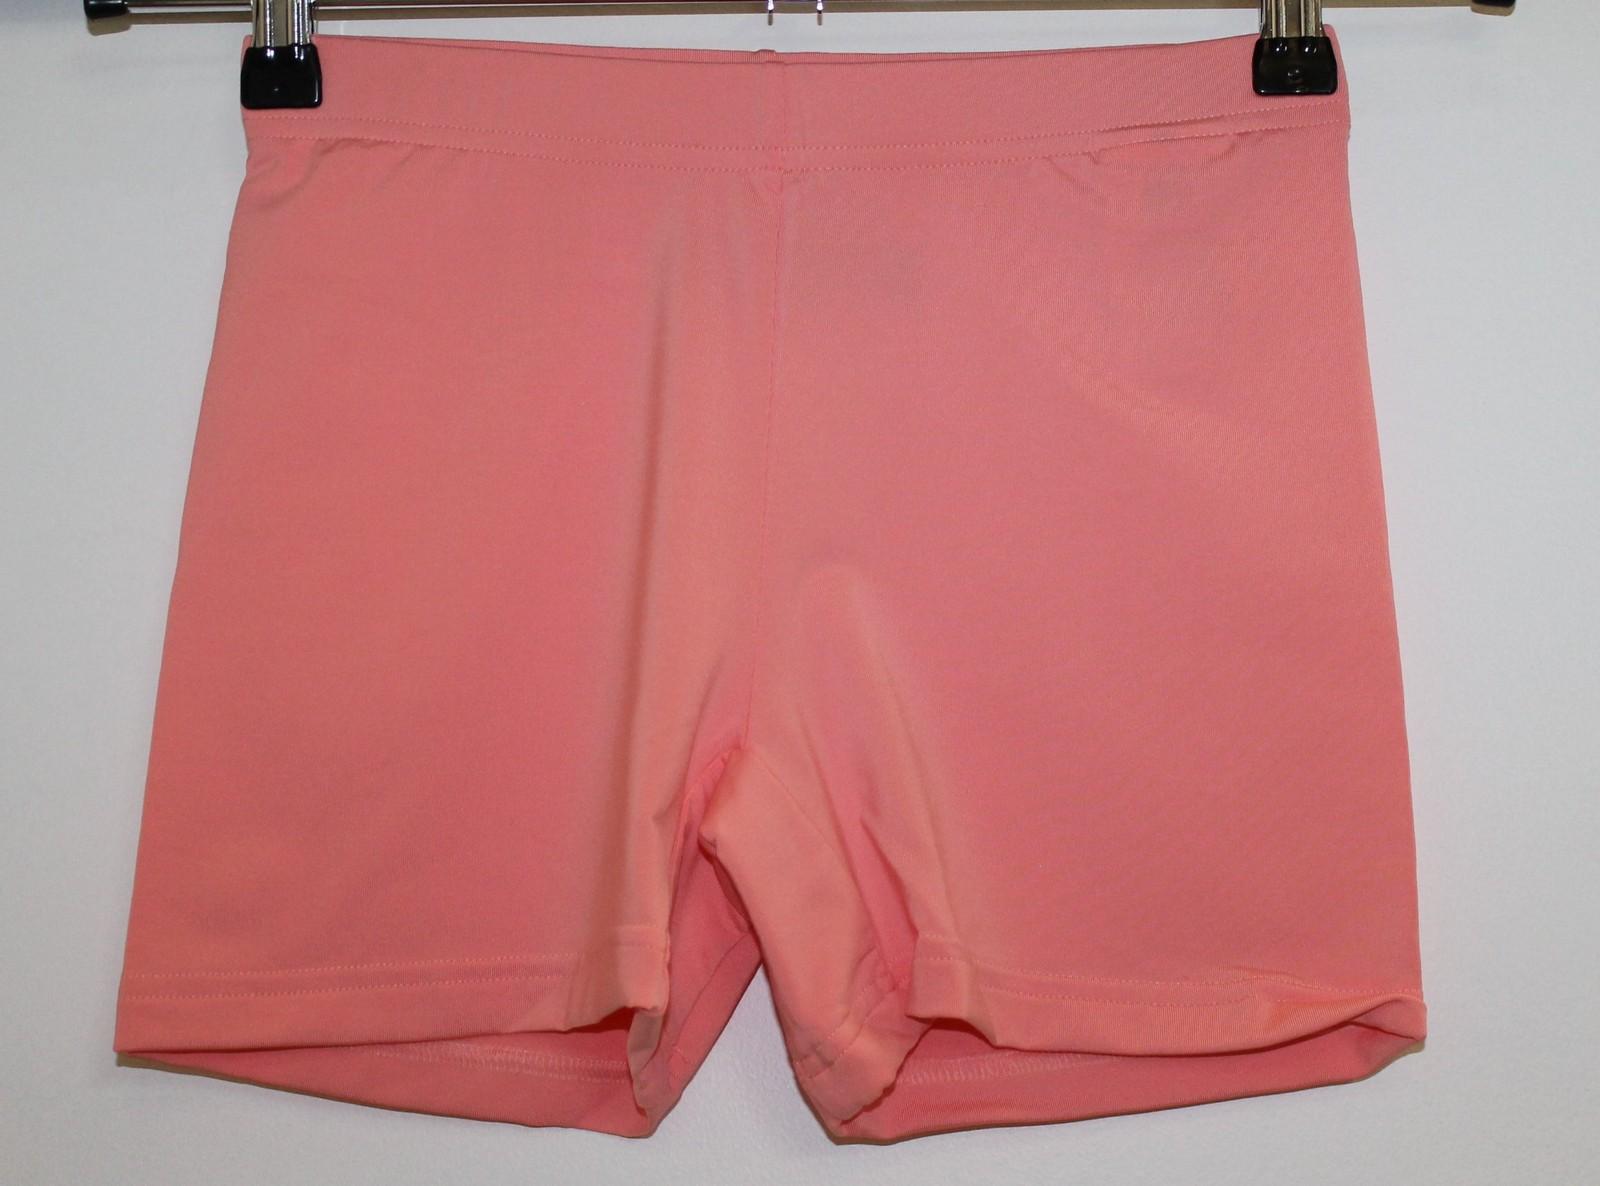 BNWT STELLA MCCARTNEY ADIDAS Girls Baricade Tennis Dress & Shorts 11-12 Yrs. 7